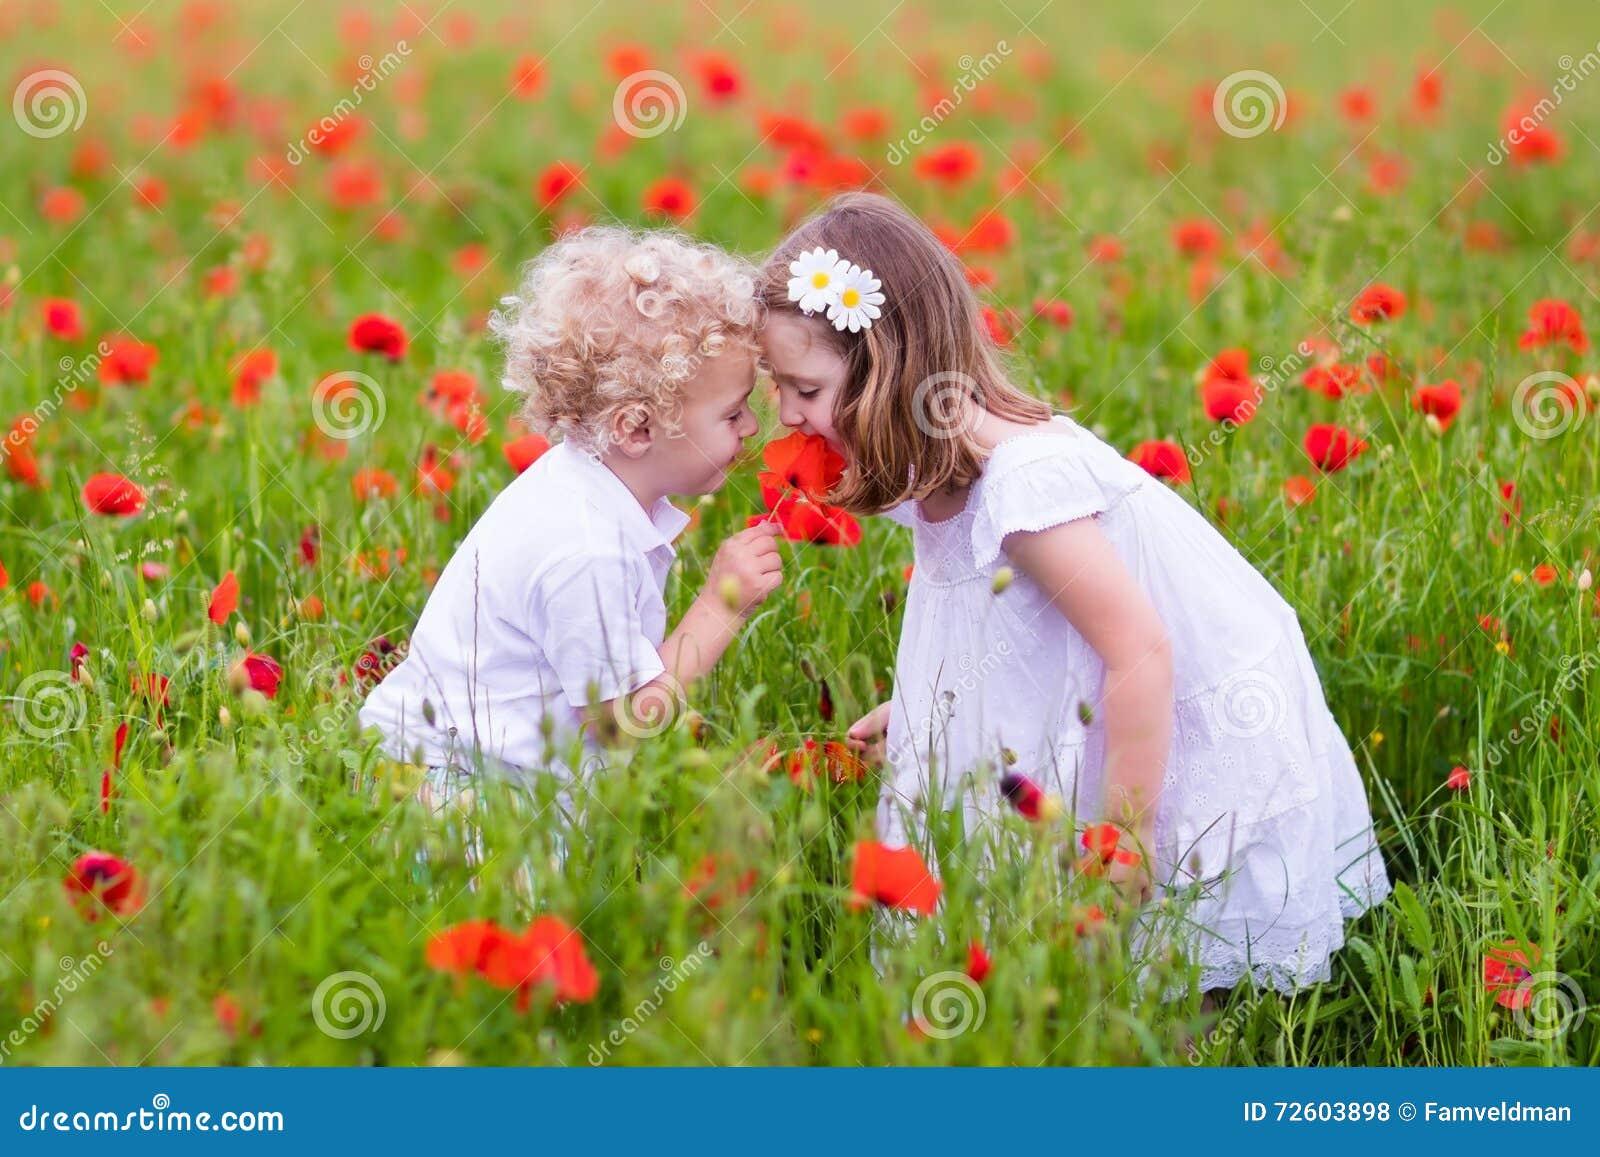 Фото детей в адидас